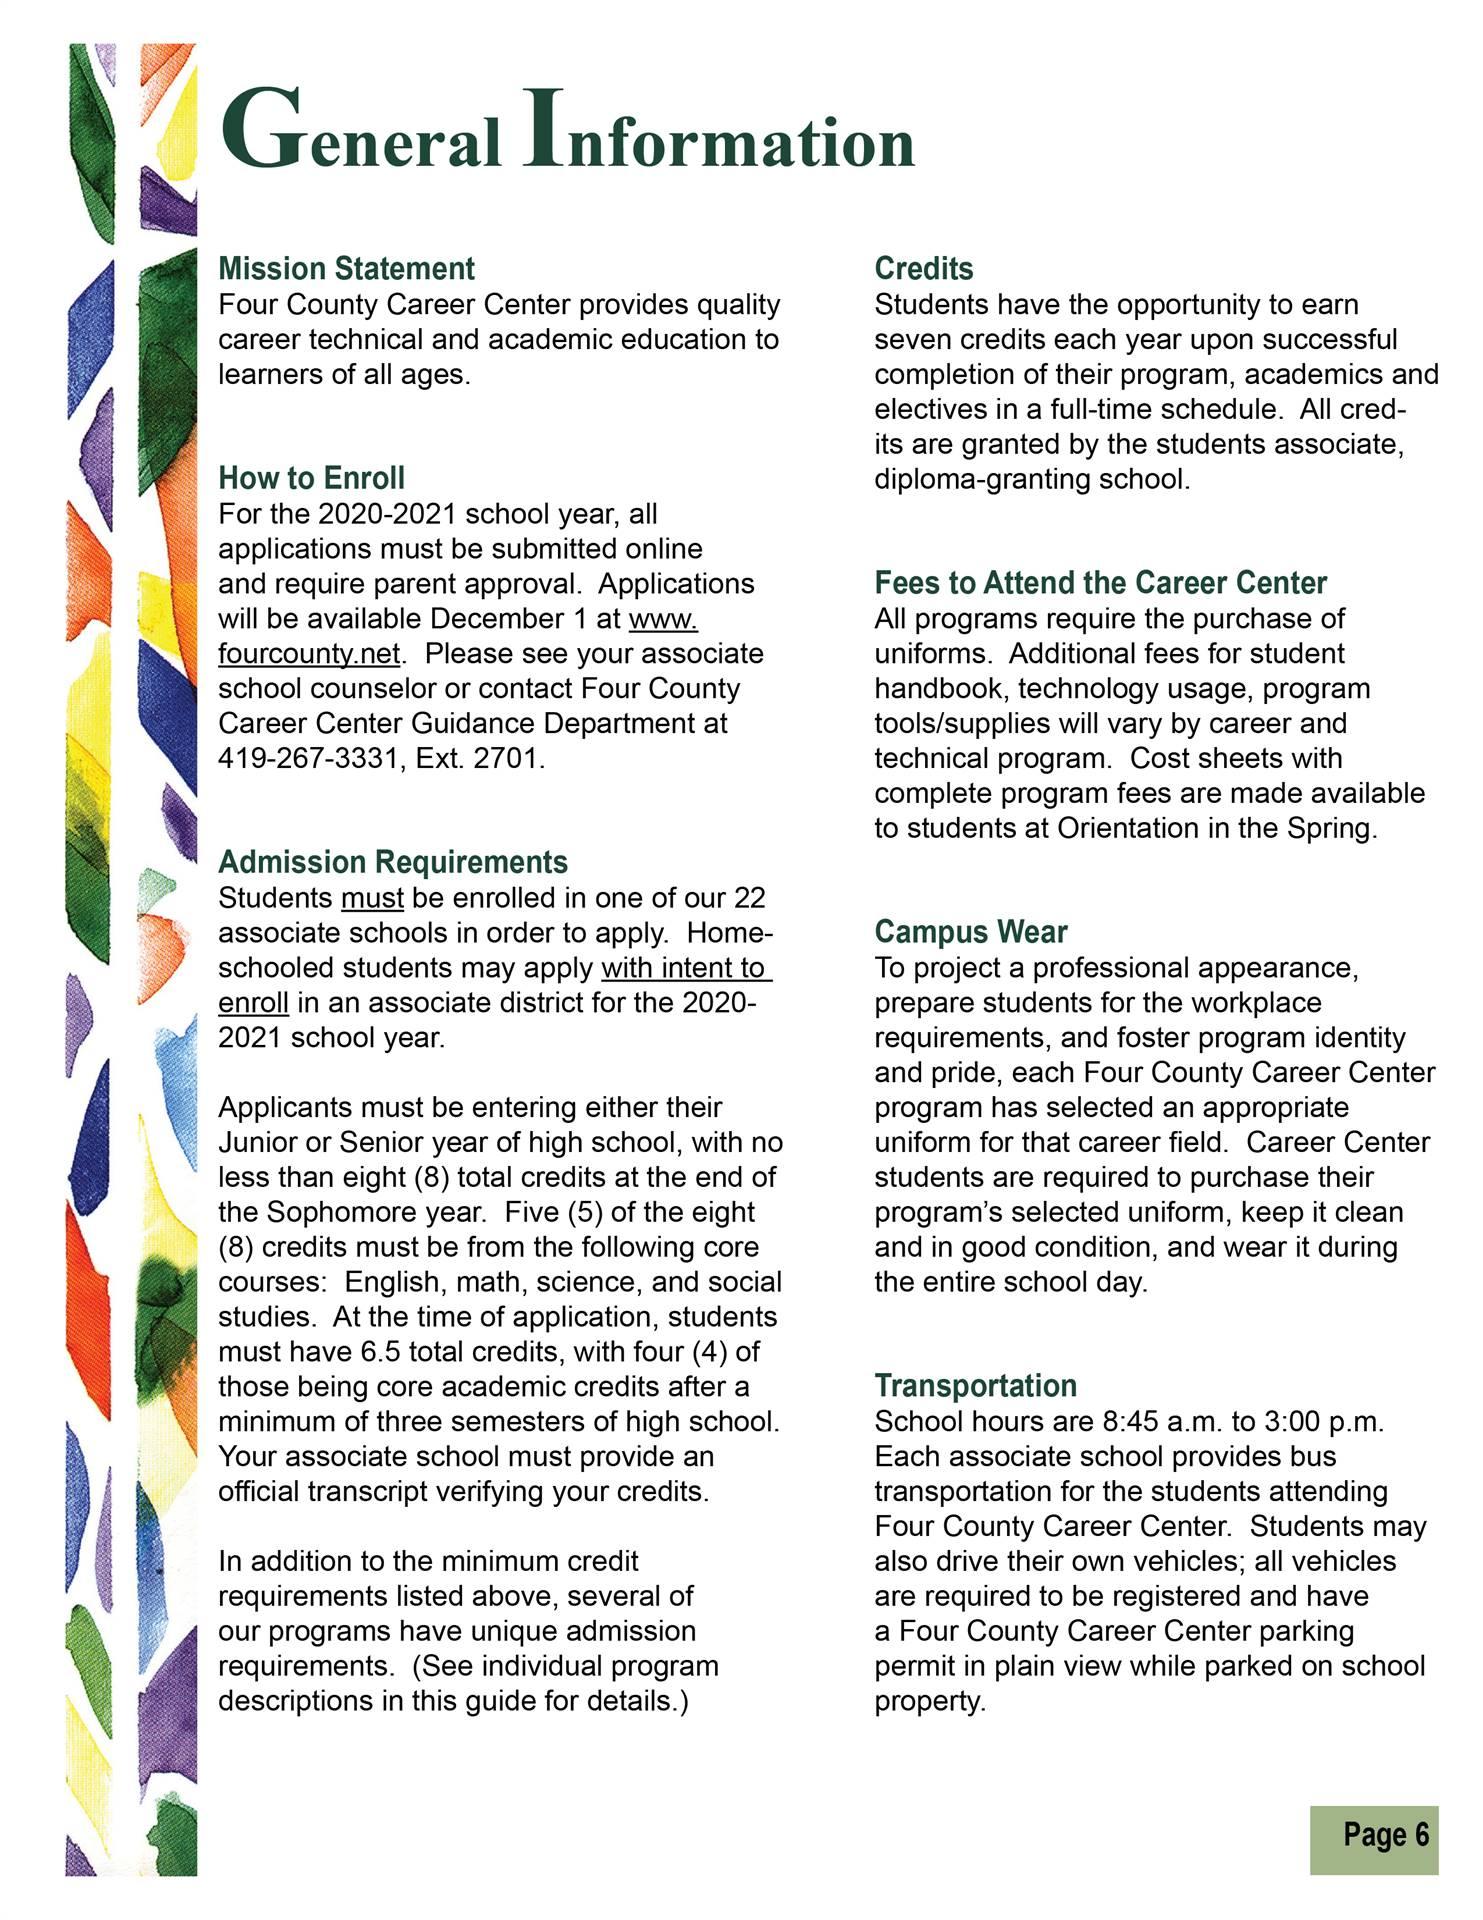 General Information pg 1